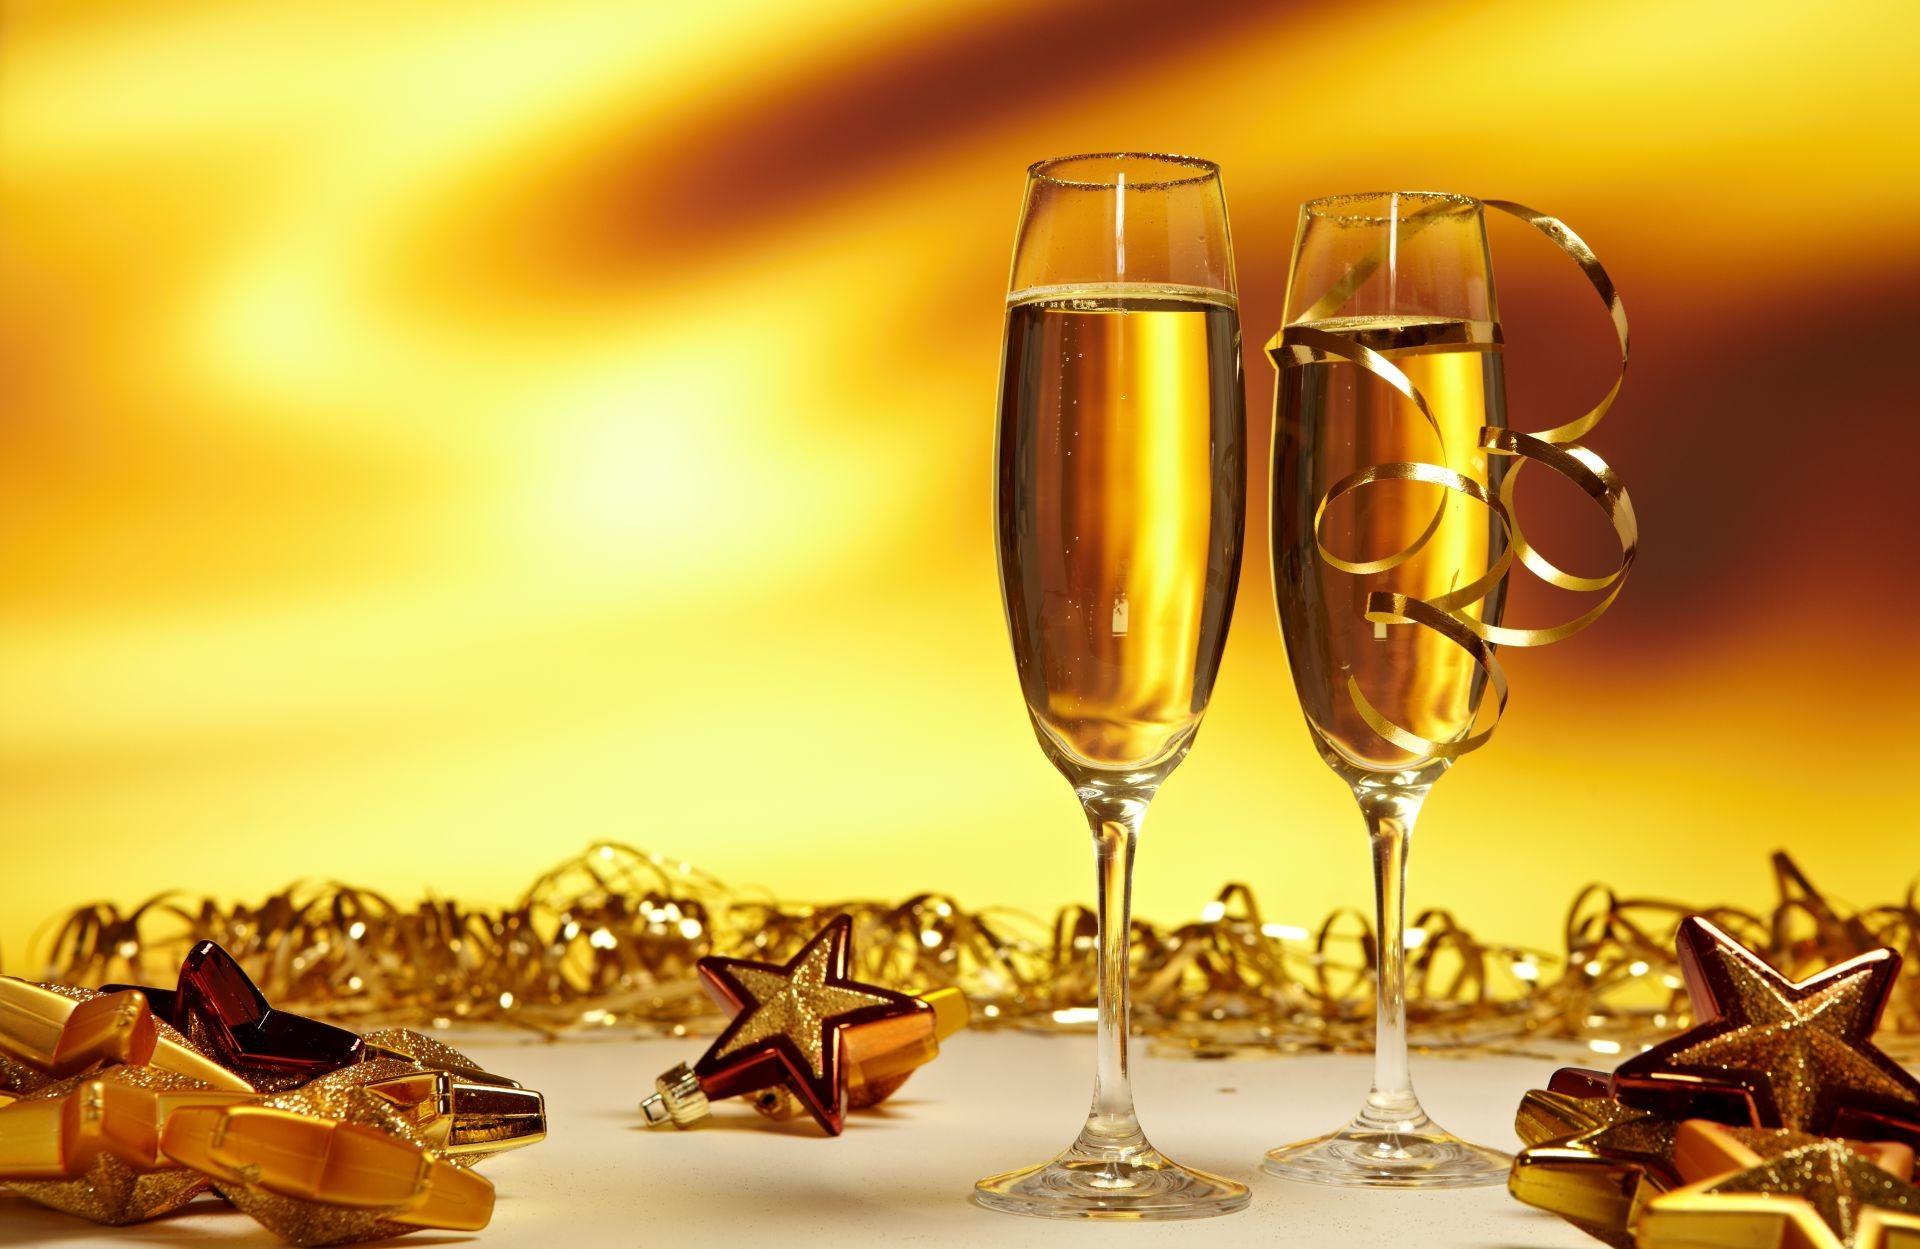 Цена, шампанское поздравление картинки